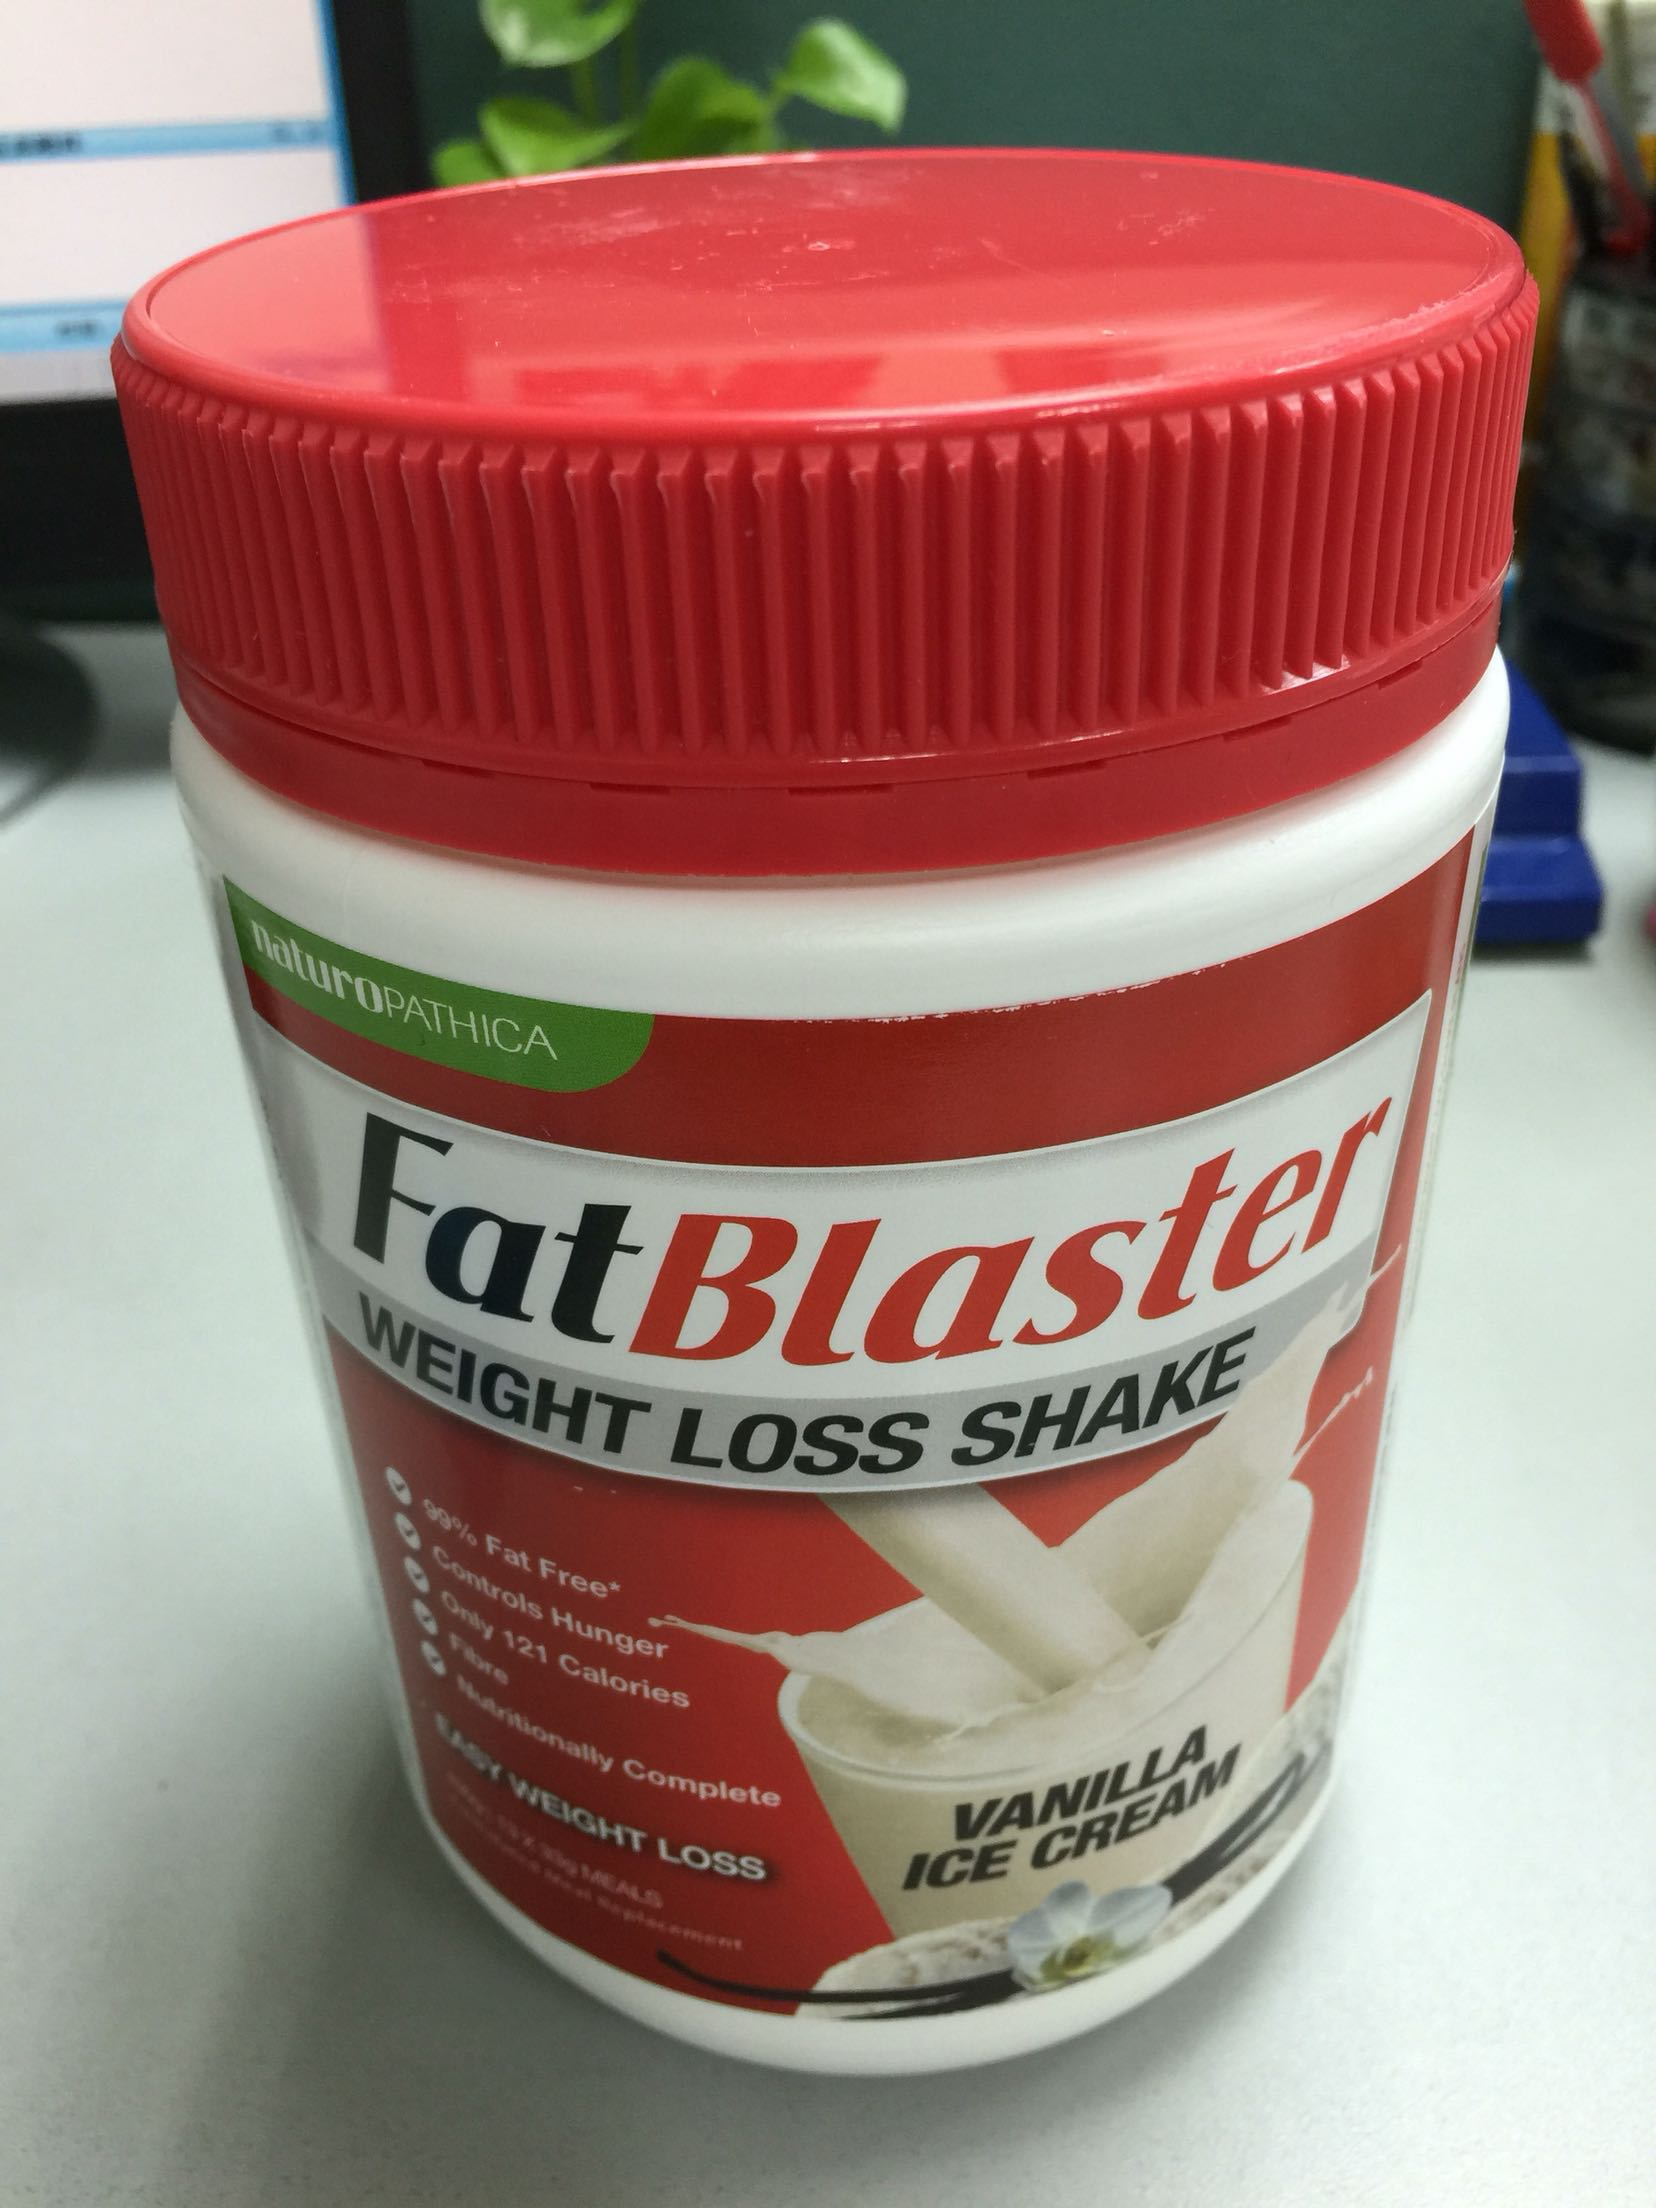 澳大利亚Fatblaster减肥奶昔代餐粉430g香草口味